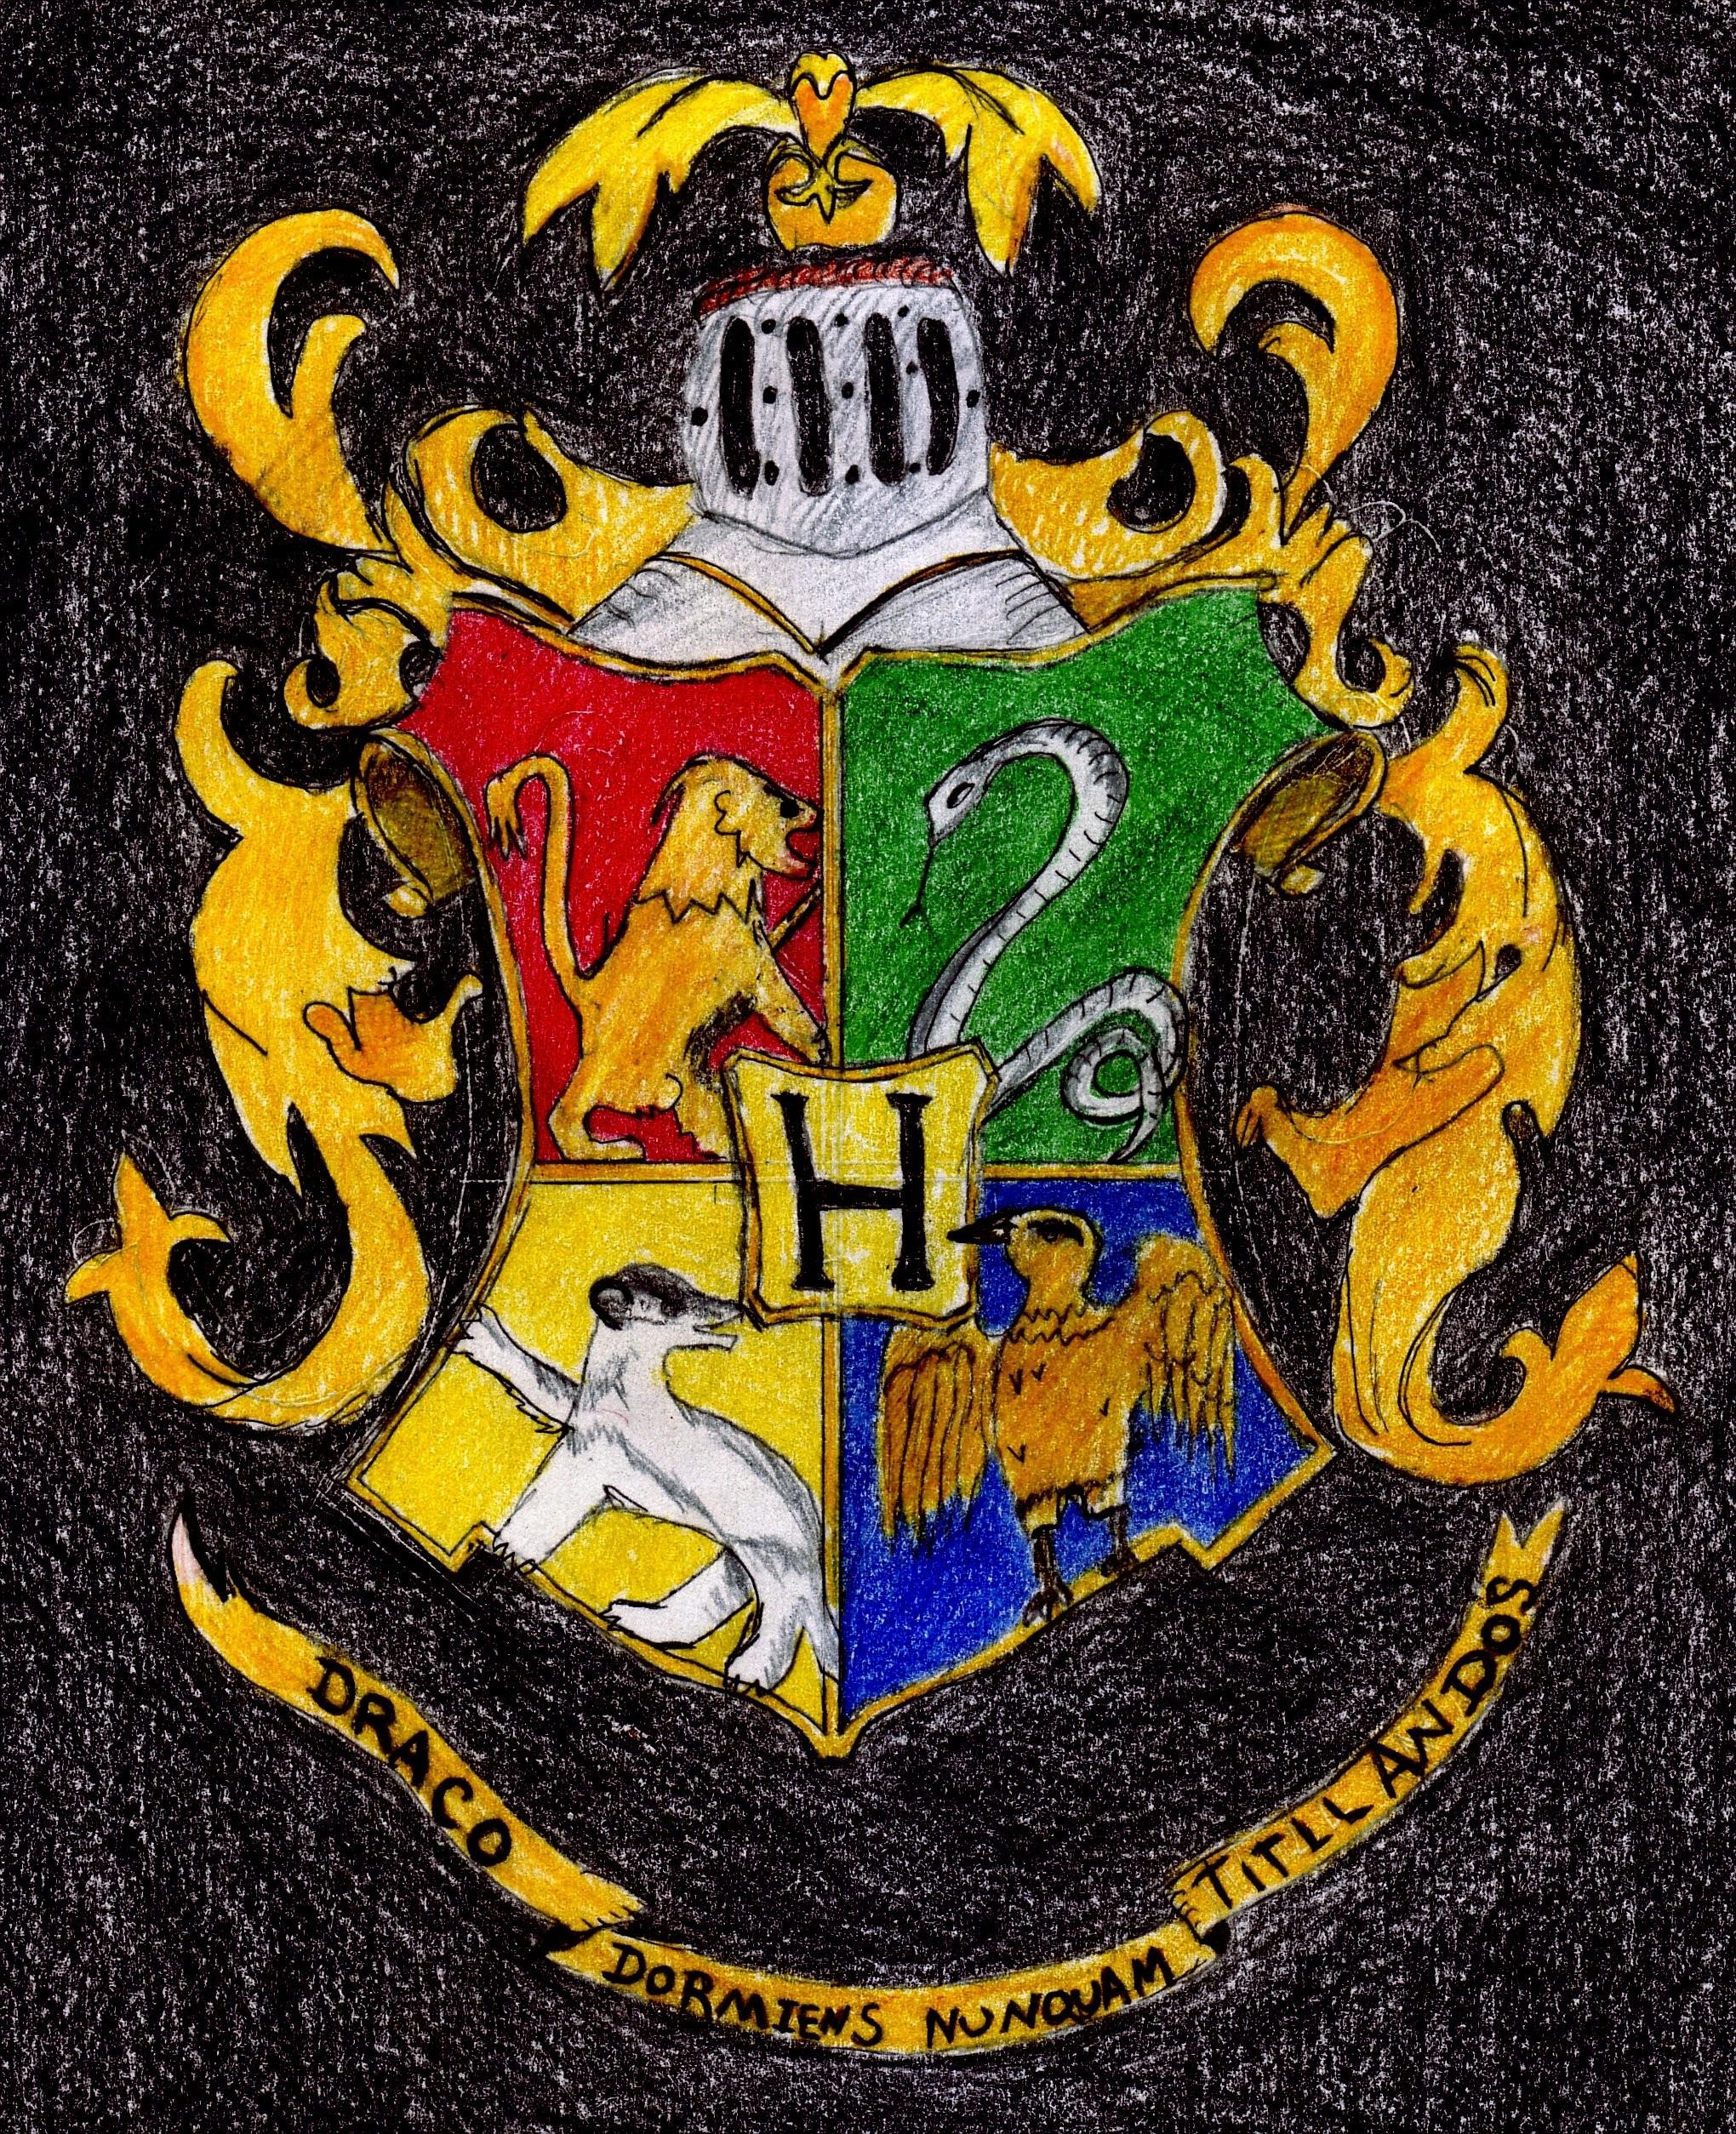 Res: 2040x2508, Harry Potter Hogwarts Crest Wallpaper Hogwarts crest by dar1989